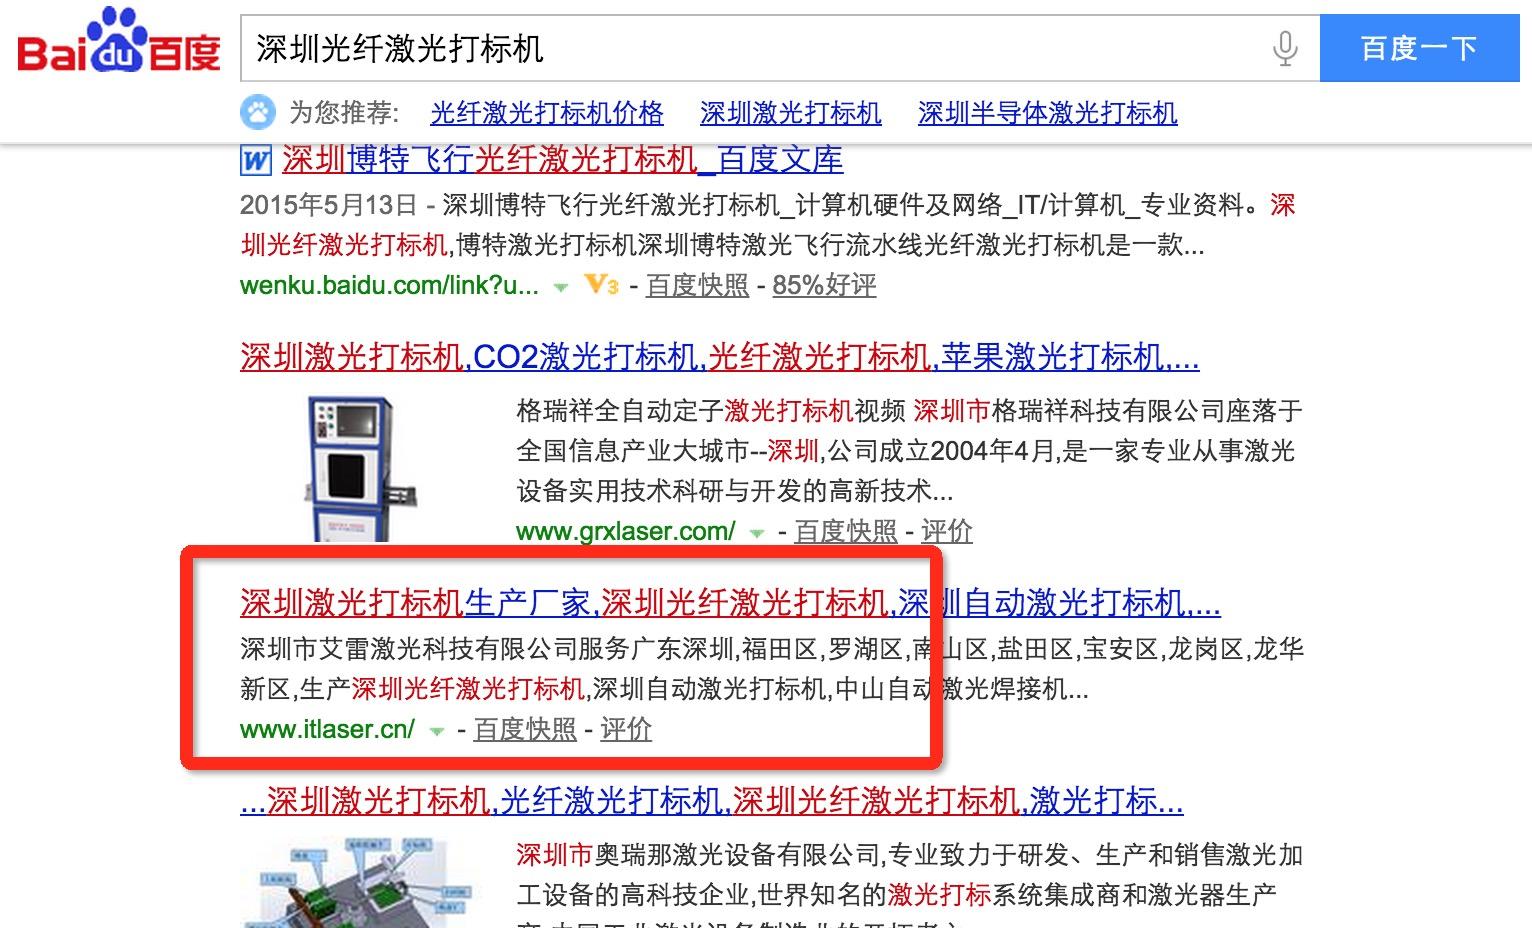 深圳艾雷激光公司签约富海网络营销服务